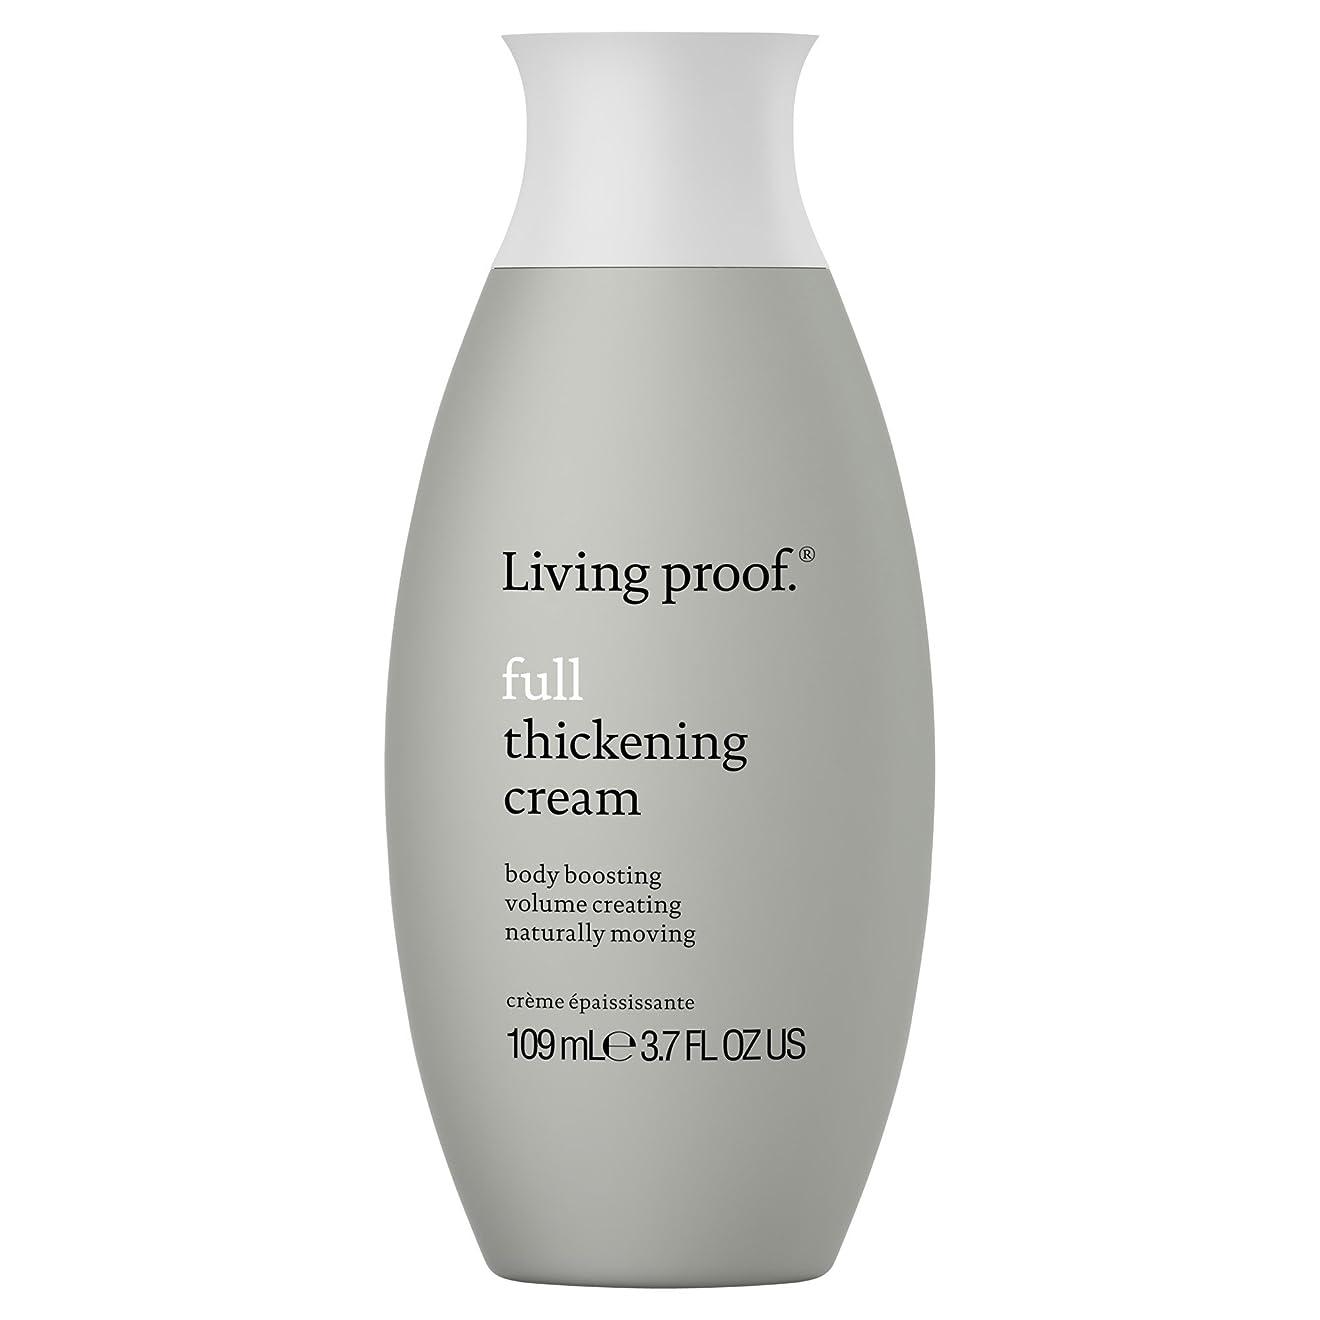 略語フィードワゴン生きている証拠フル肥厚クリーム109ミリリットル (Living Proof) - Living Proof Full Thickening Cream 109ml [並行輸入品]